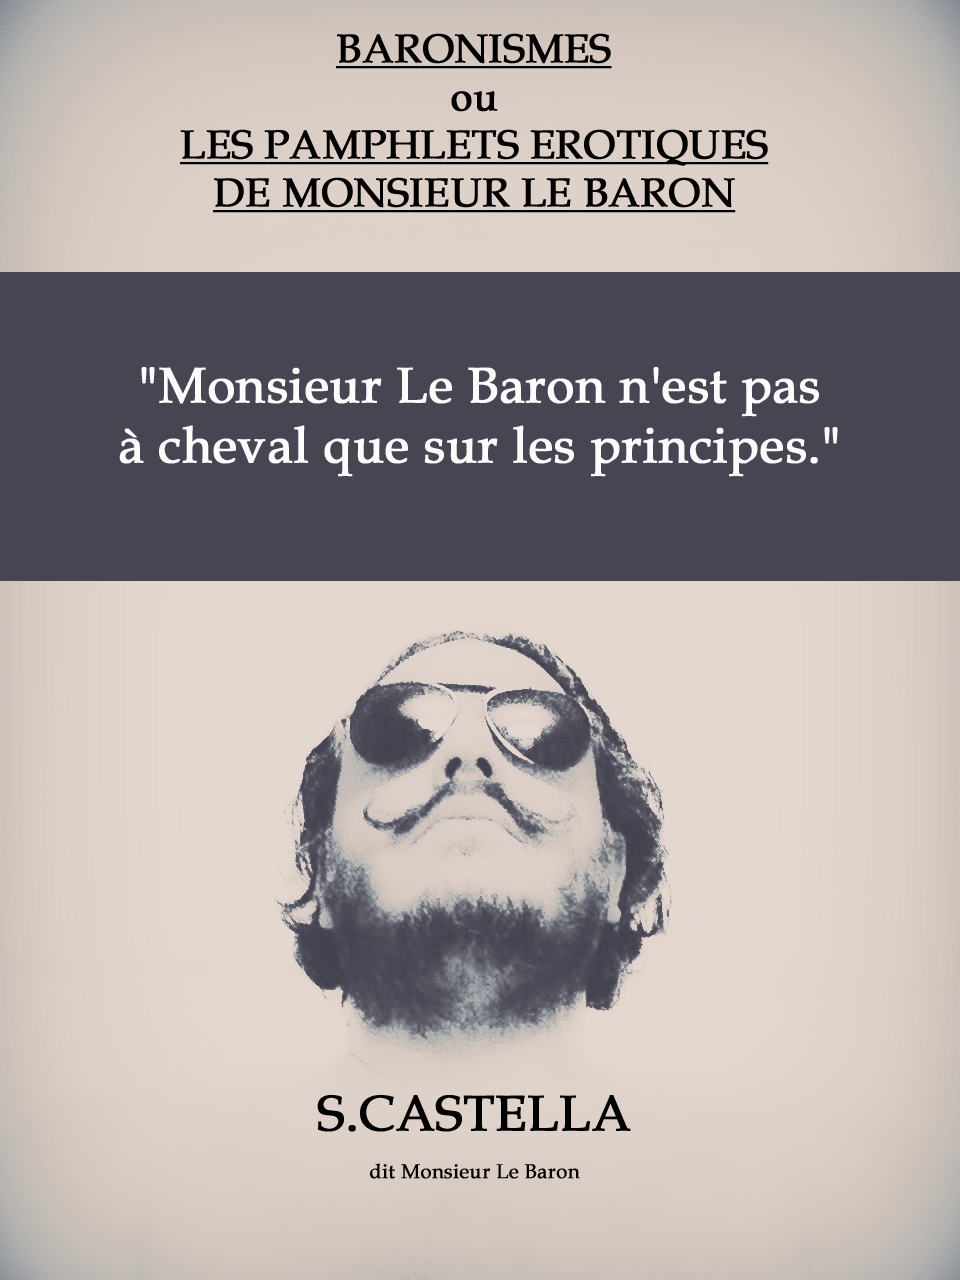 castella-baronisme30